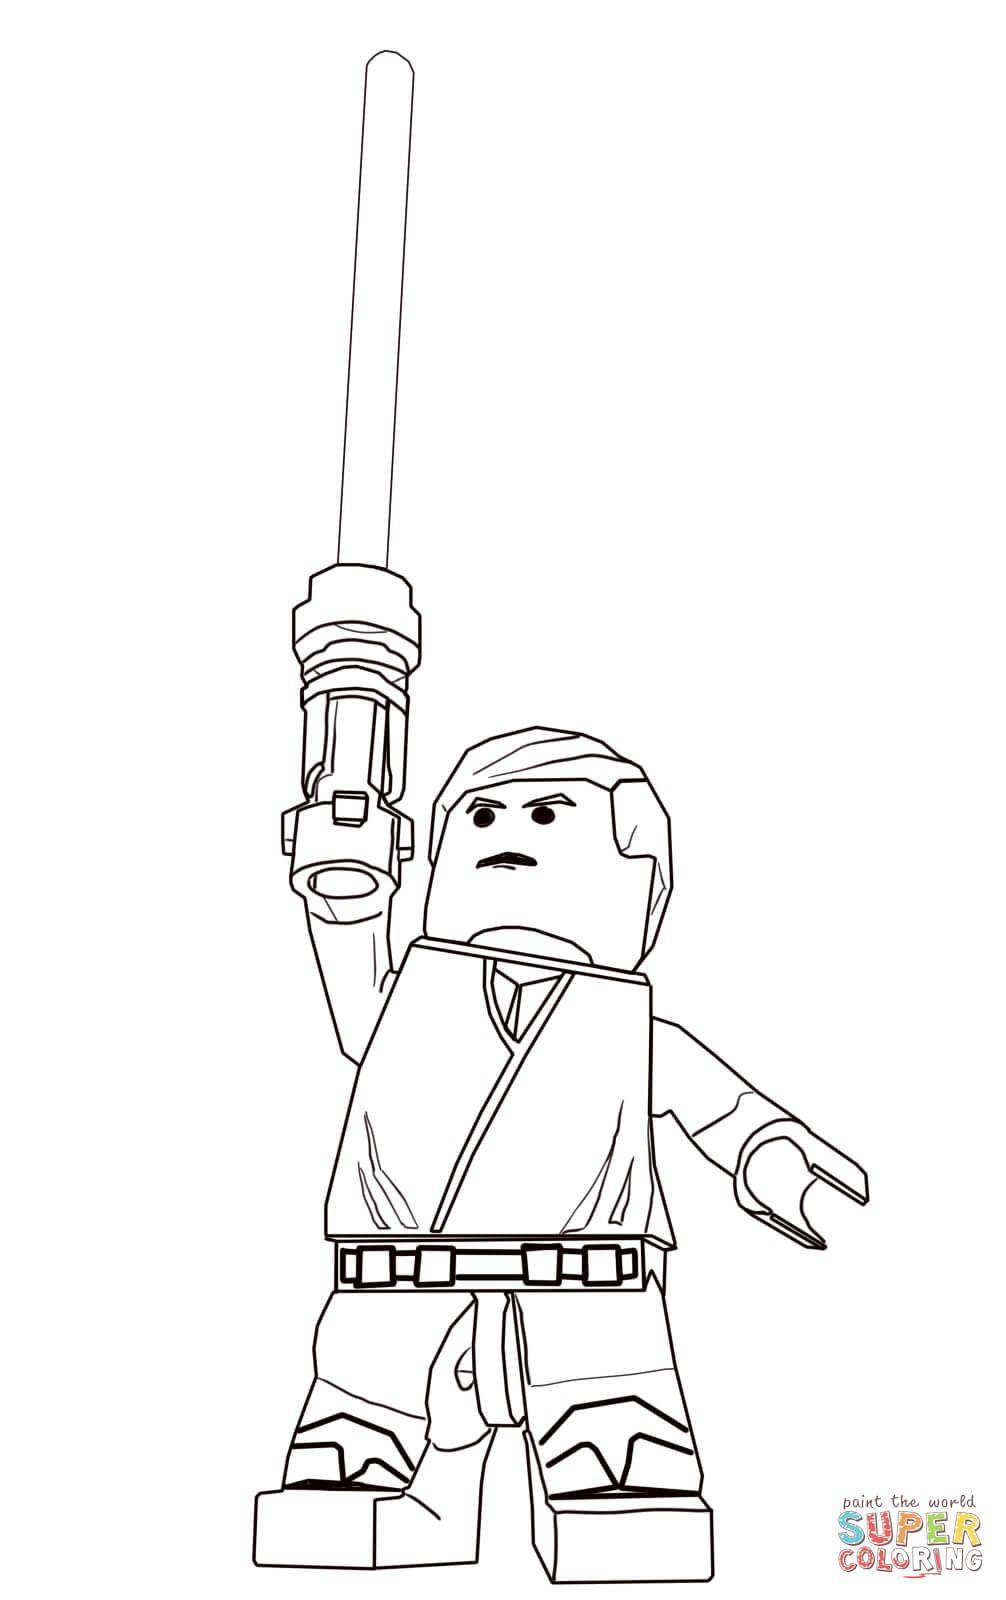 Lego Star Wars Ausmalbilder Das Beste Von Lego Star Wars Luke Skywalker Super Coloring Genial Lego Superman Galerie